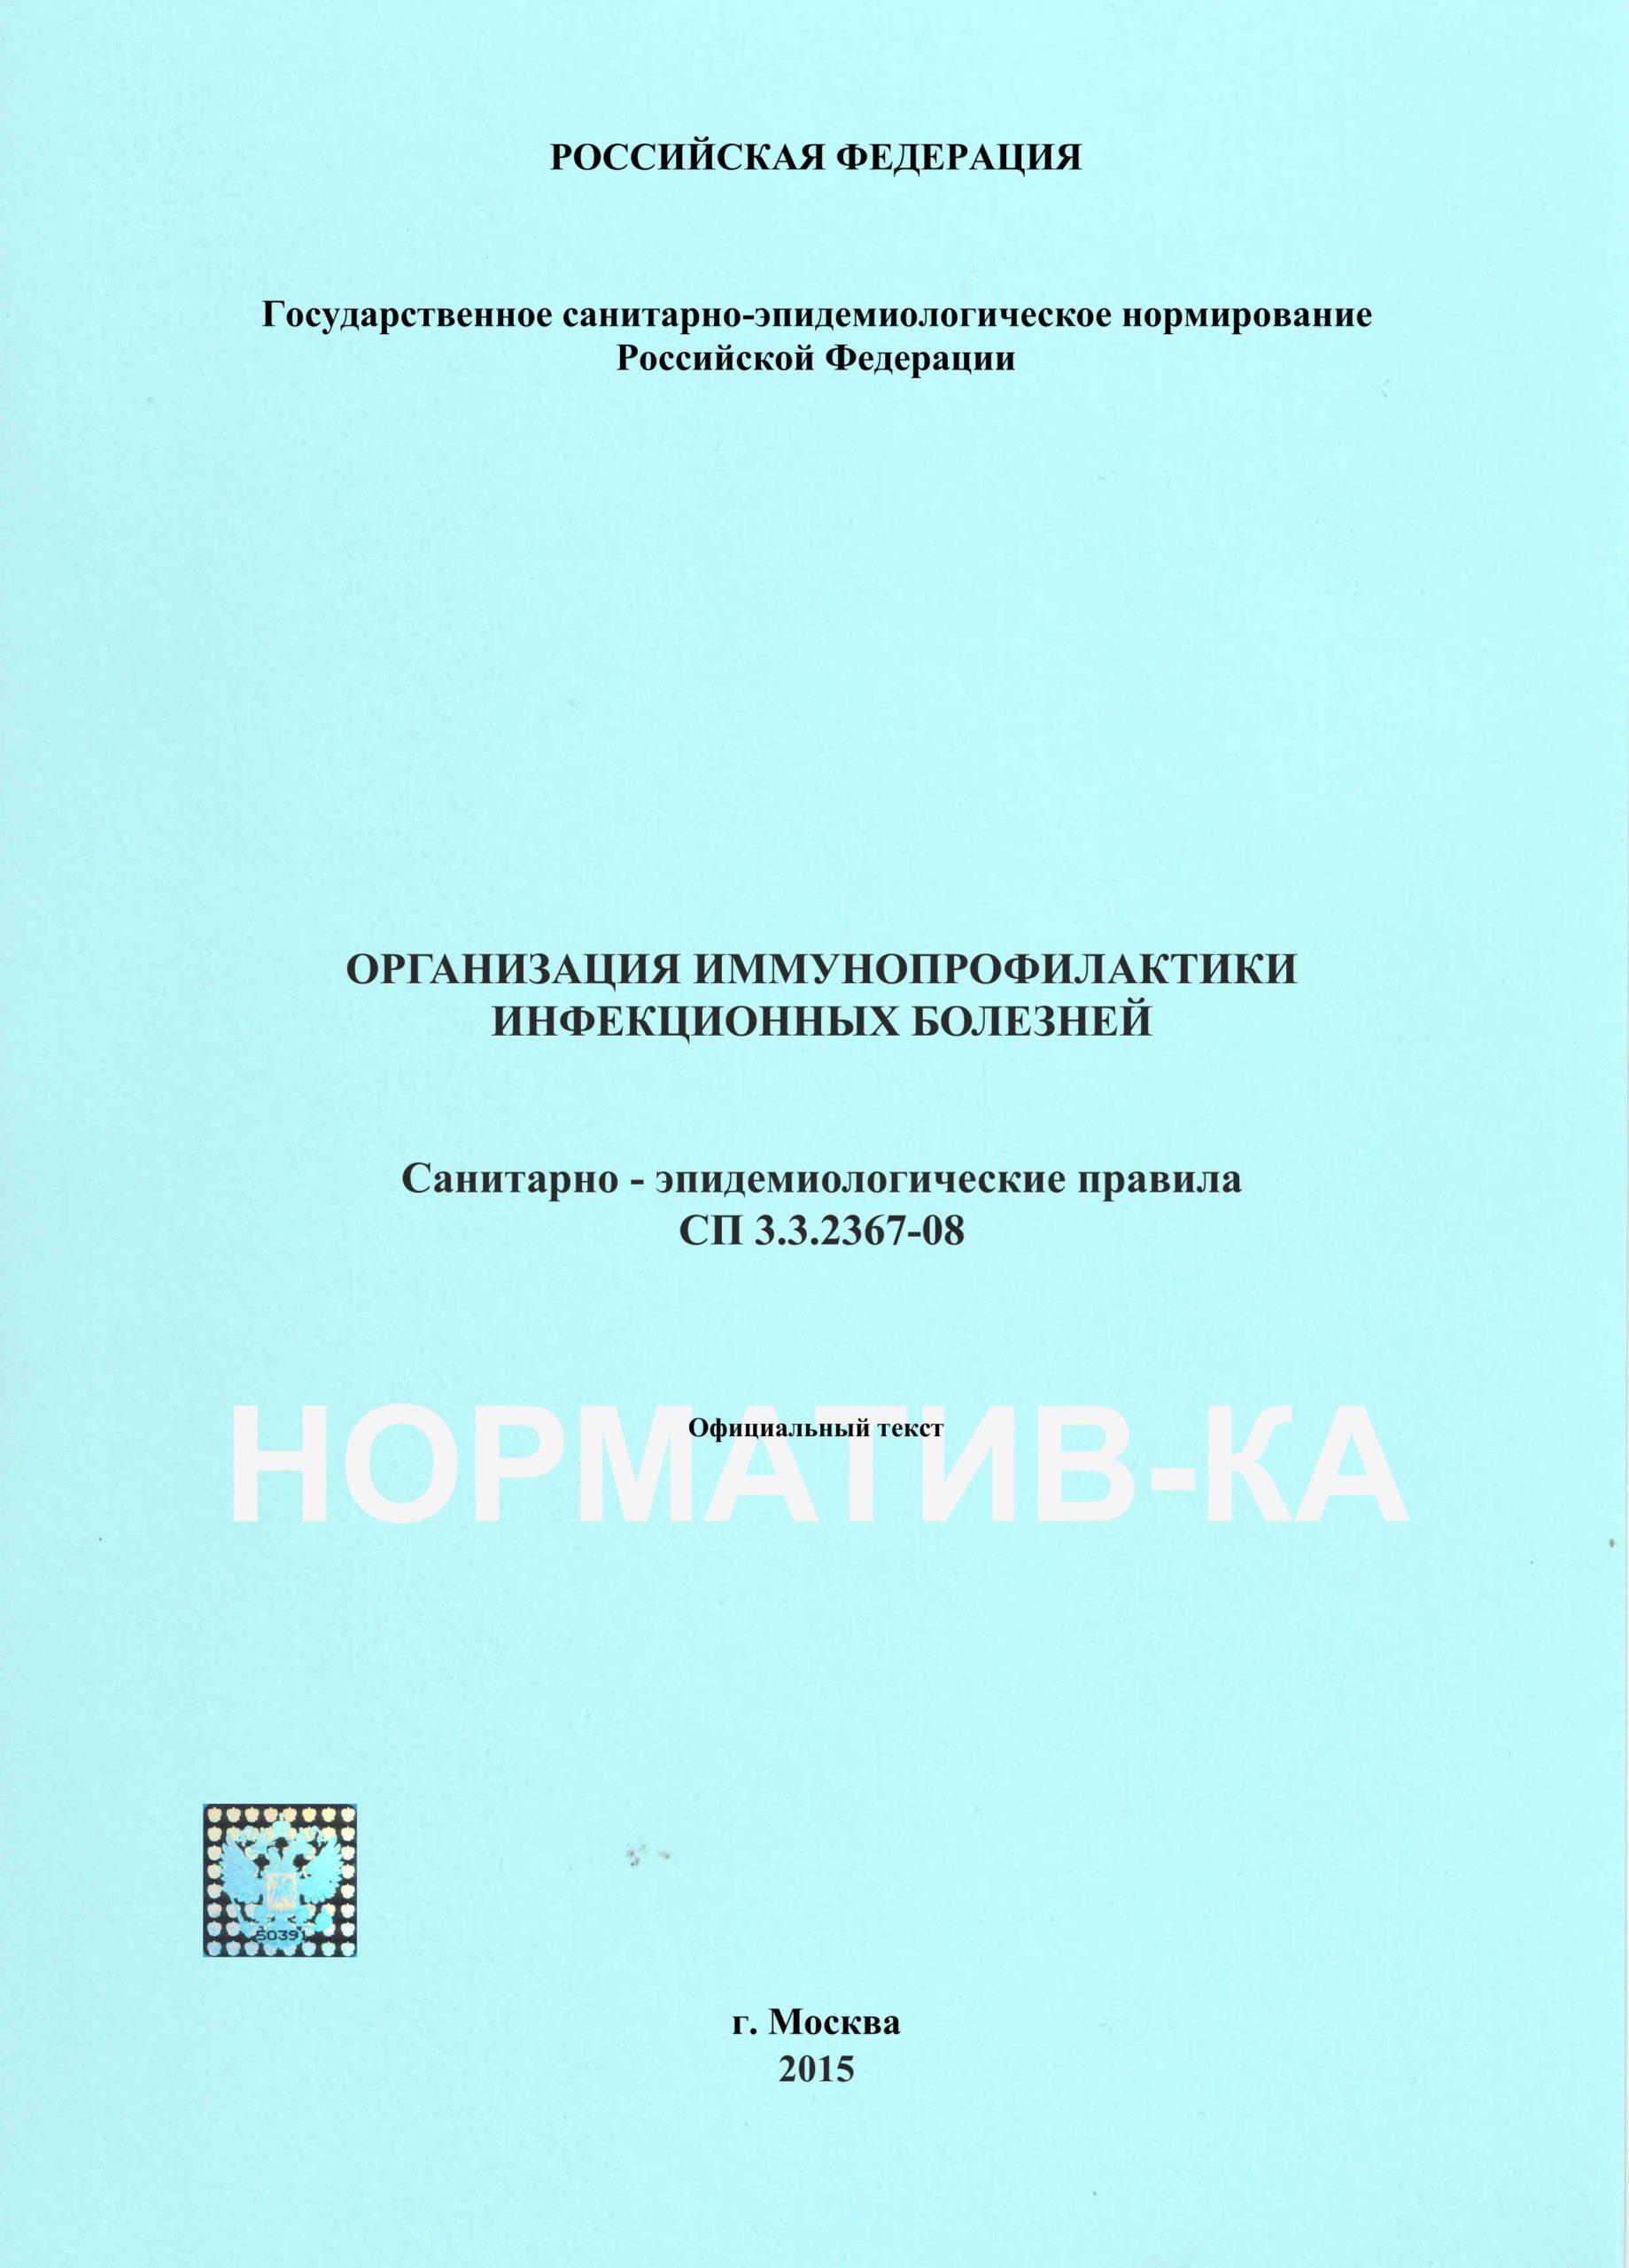 СП 3.3.2367-08